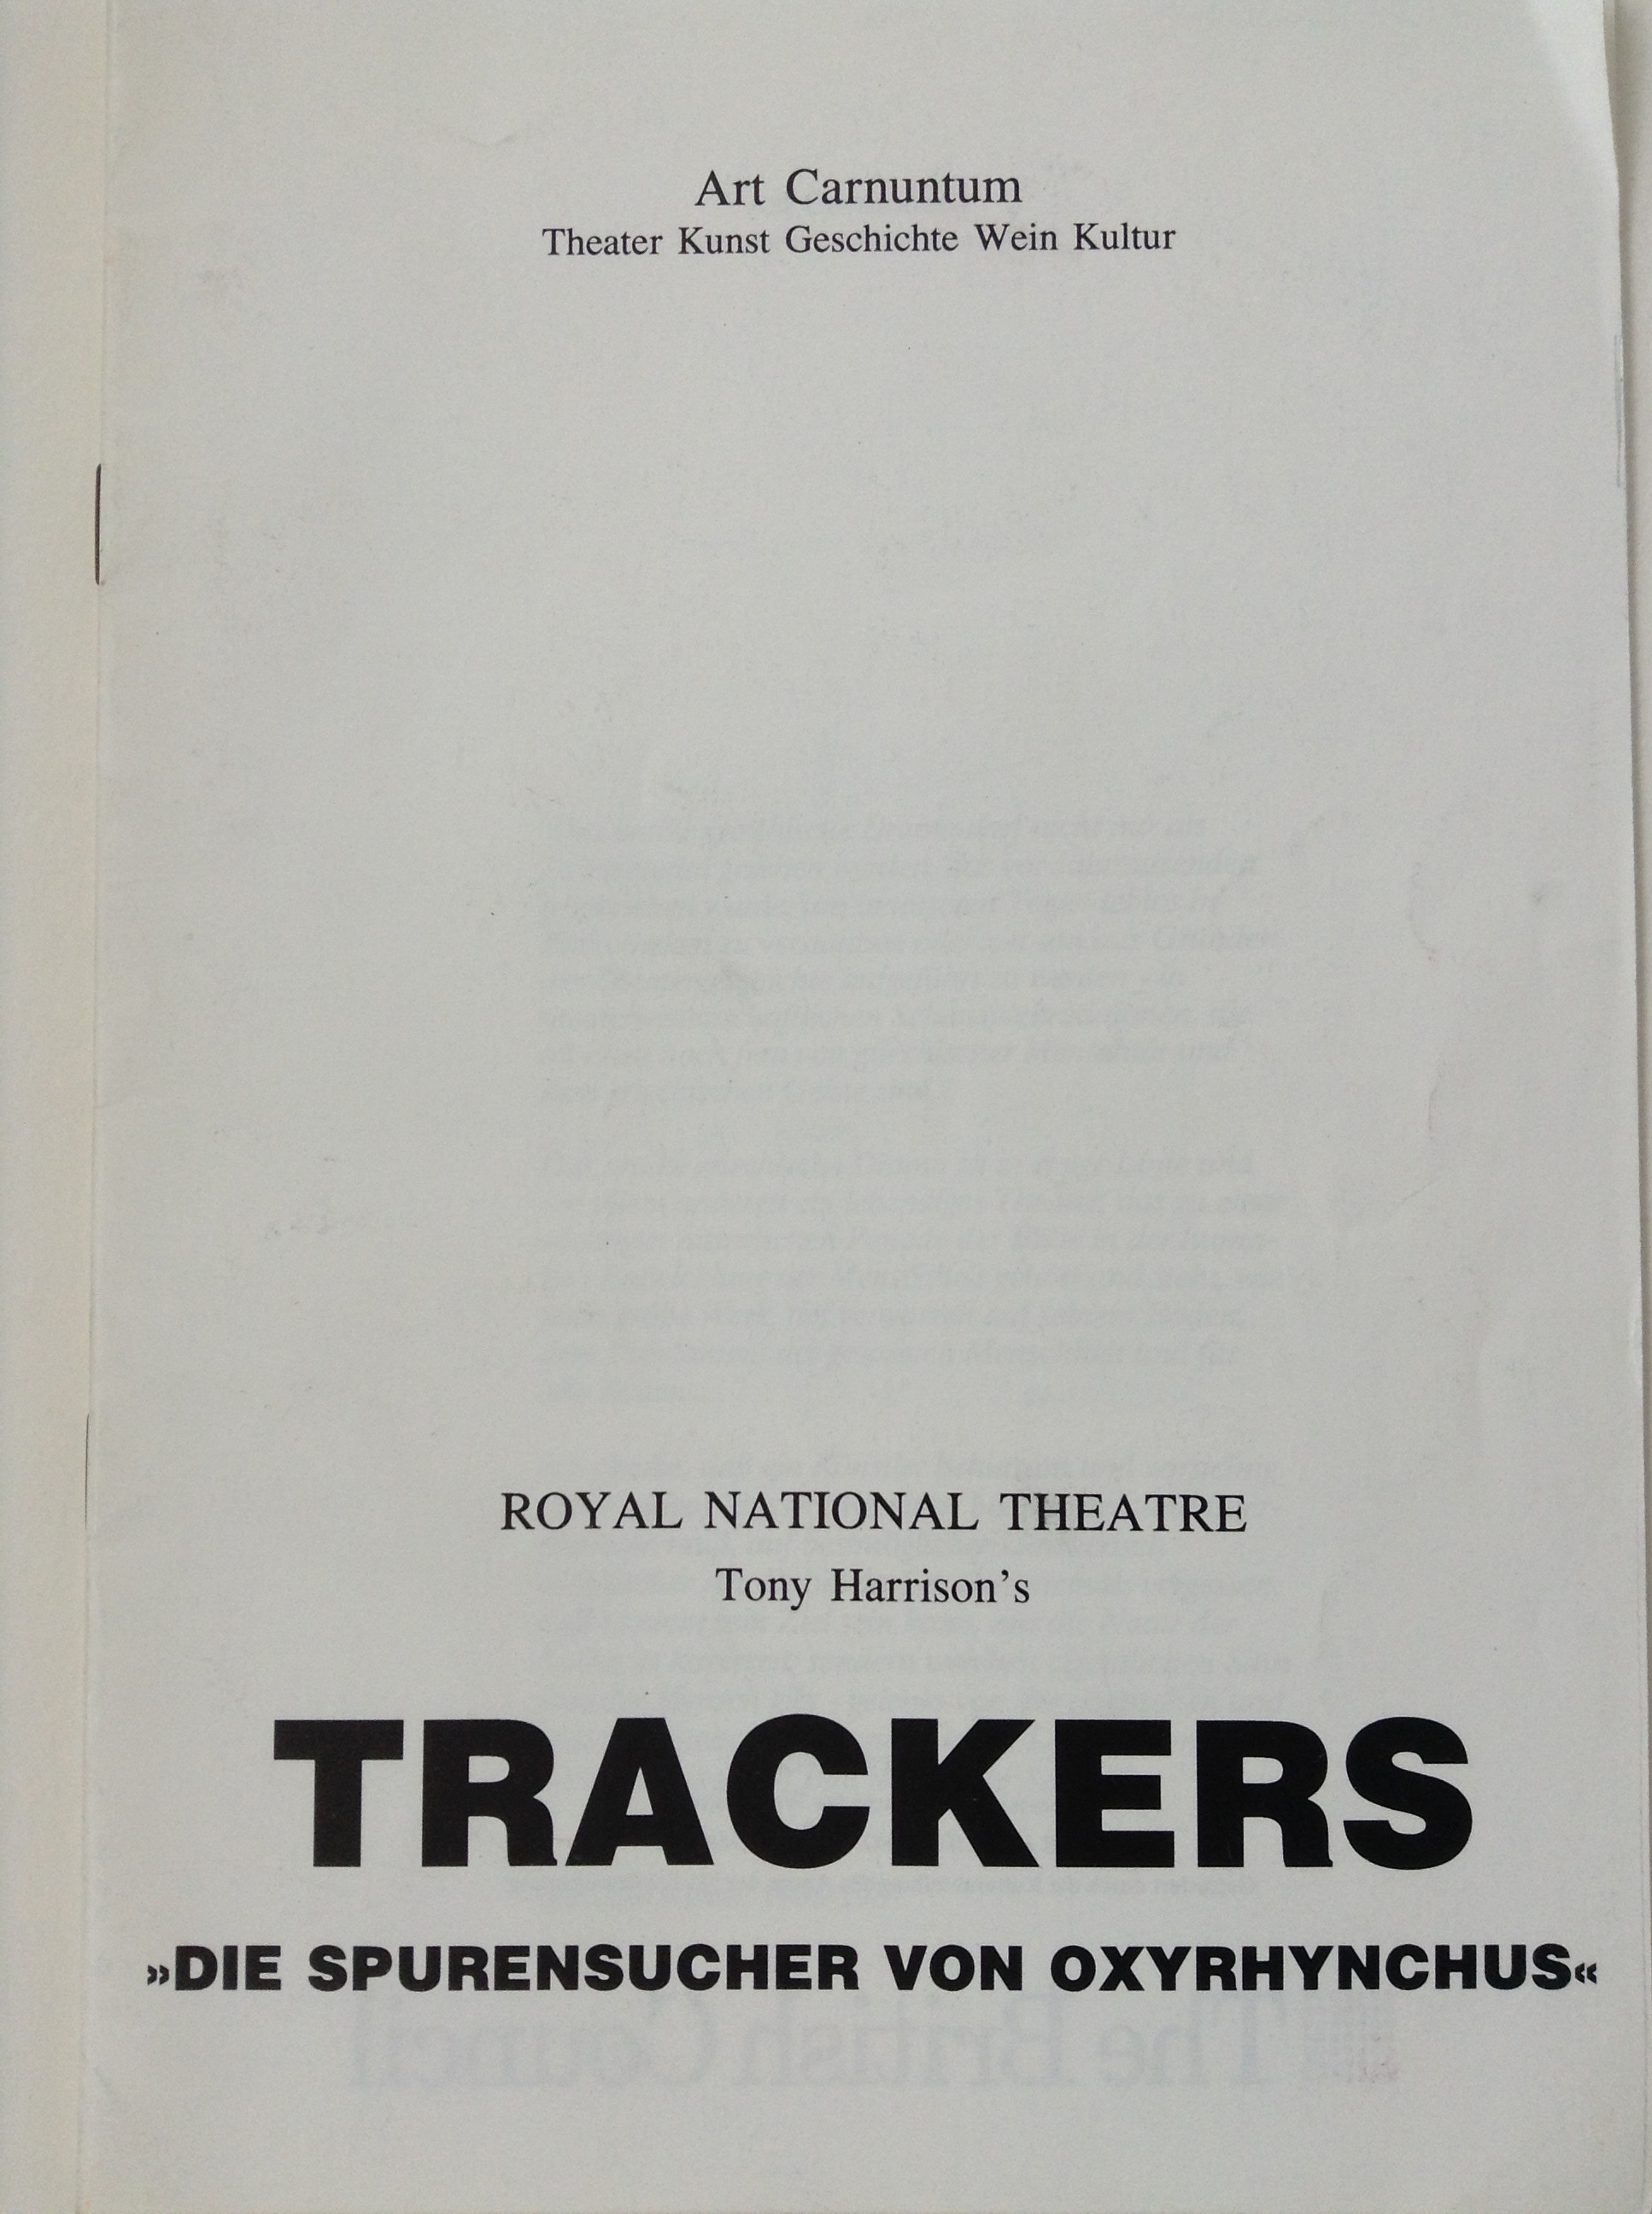 Plain white programme with text: Art Carnuntum/Theater Kunst Geschichte Wein Kultur/Royal National Theatre/TonyHarrison's/Trackers/>>DIE SPURENSUCHER VON OXYRHYNCHUS